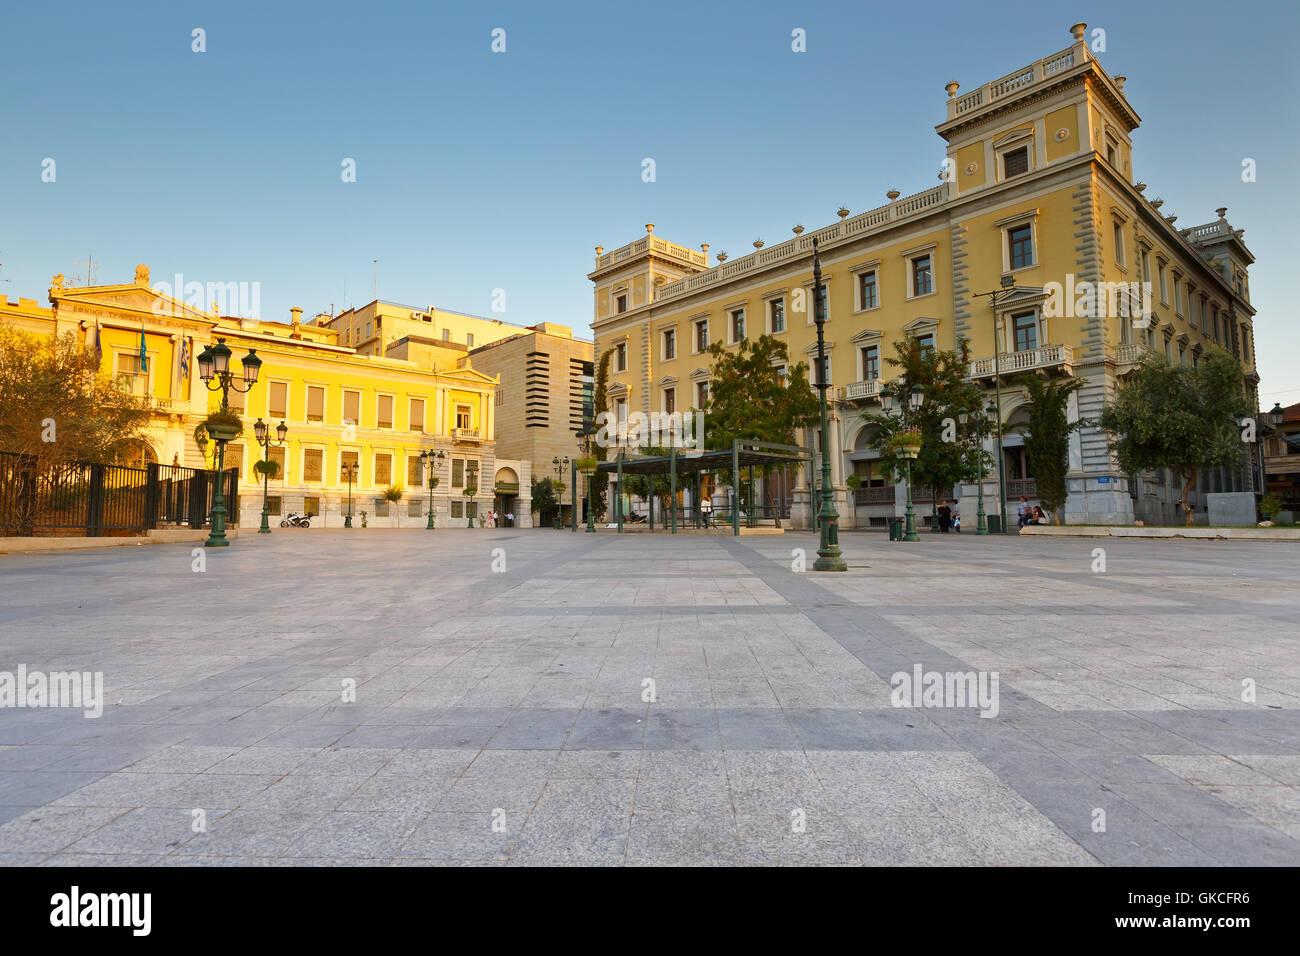 Les bâtiments de la Banque Nationale de Grèce dans la place Kotzia, Athènes. Photo Stock